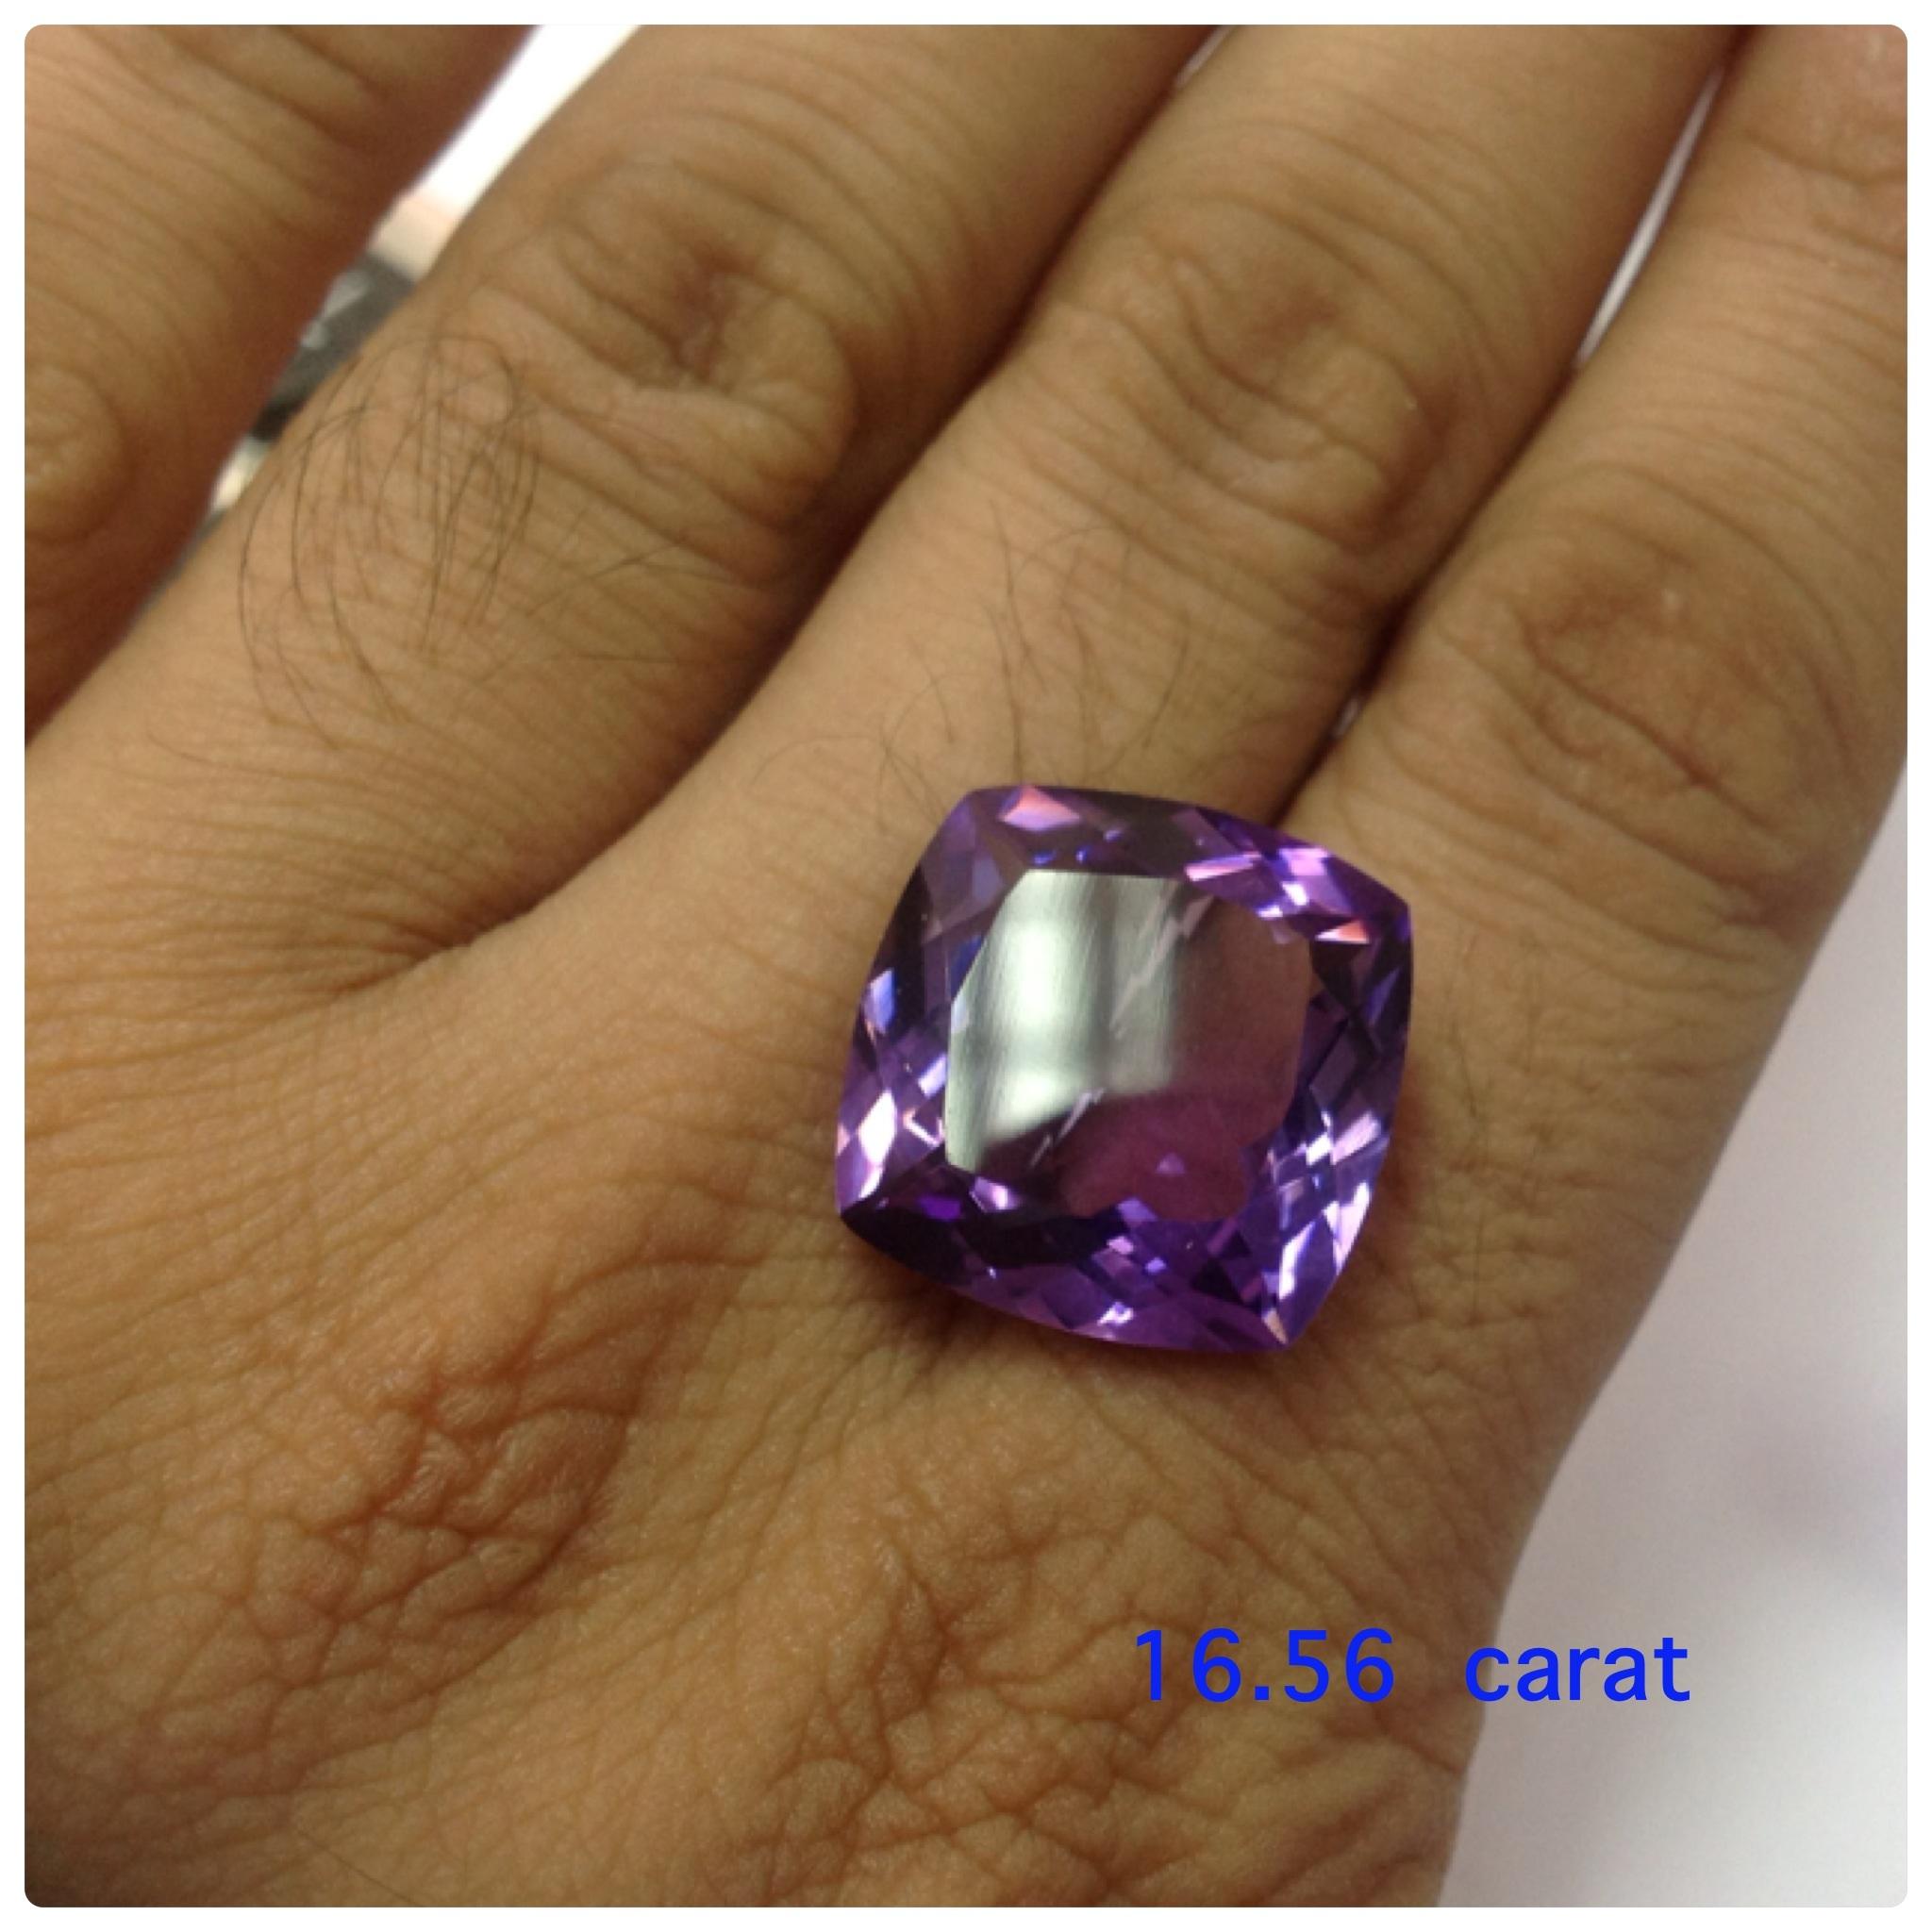 Amethyst cushion 15 carats up